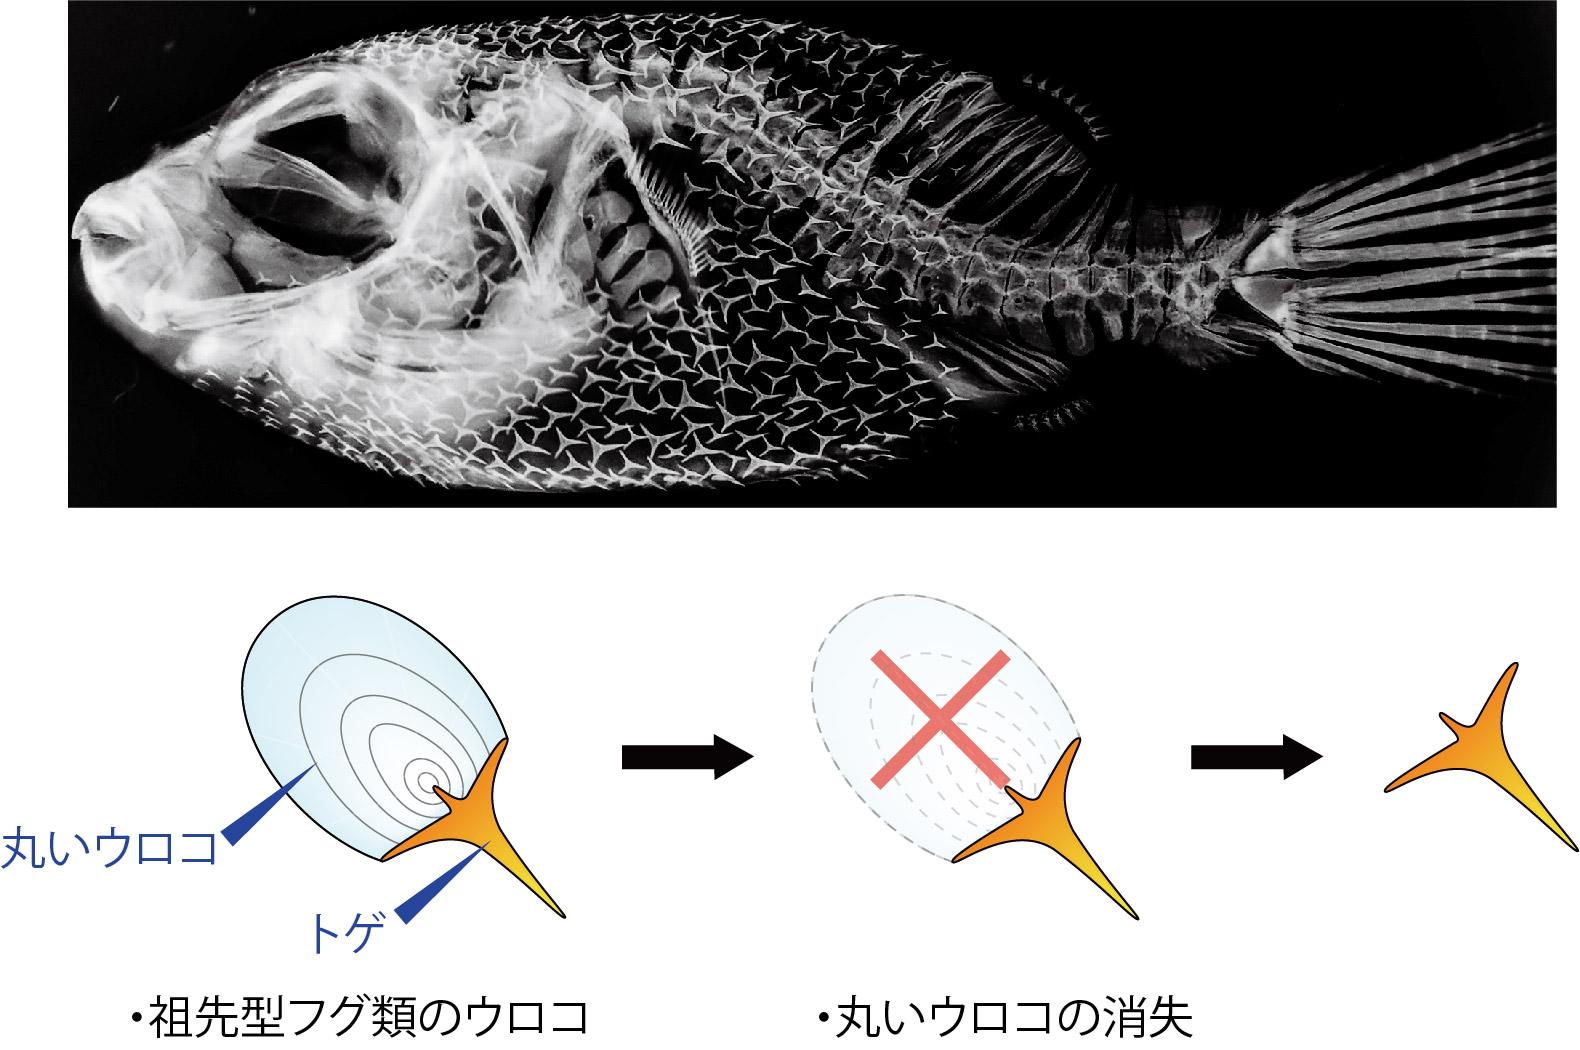 フグのCT画像とそのトゲの進化仮説